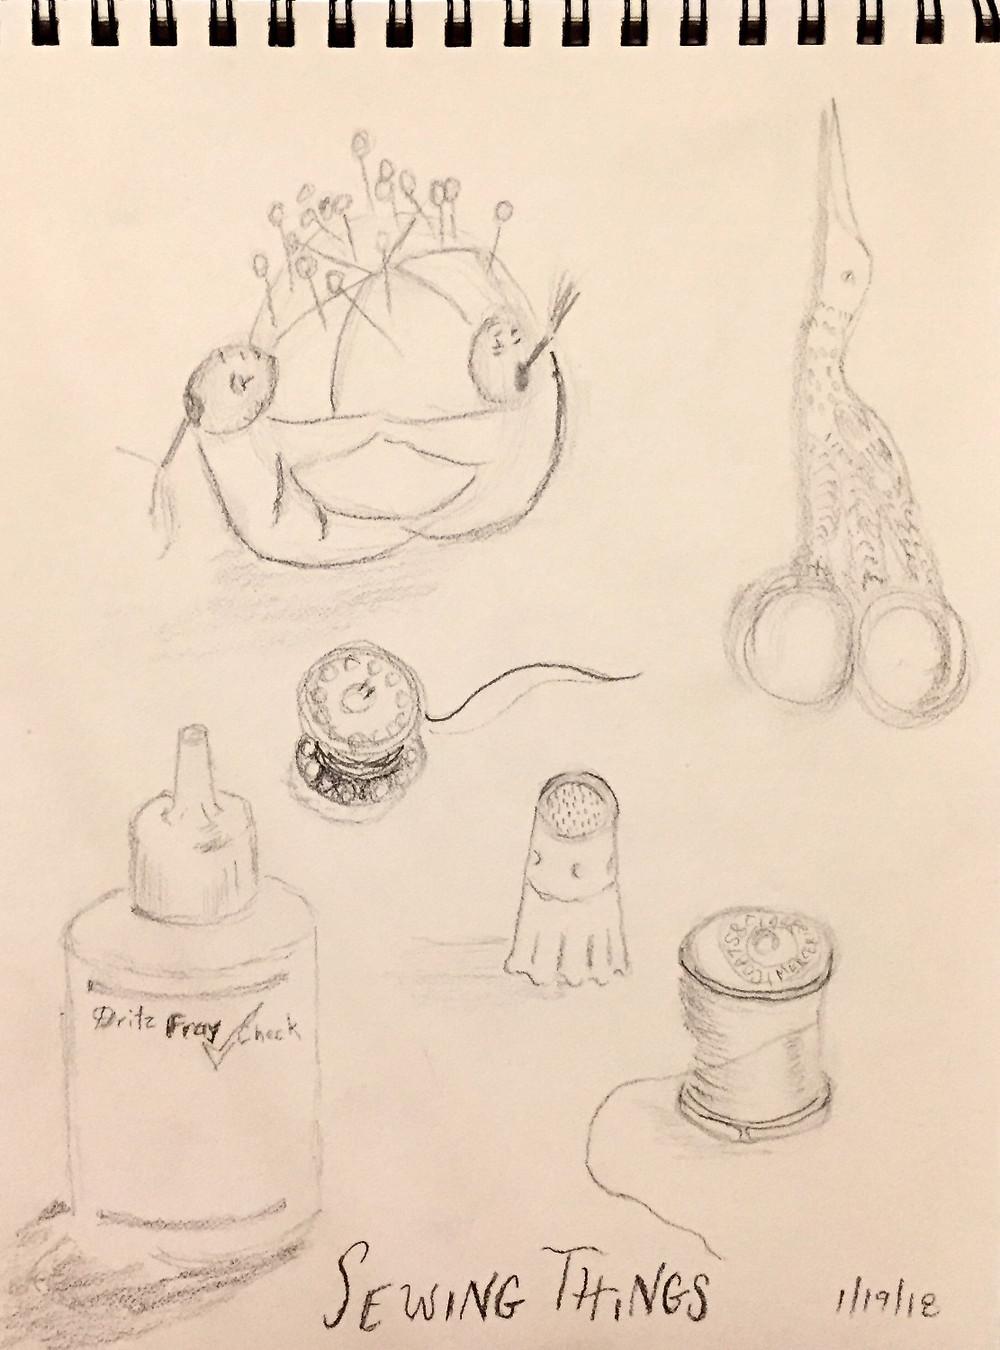 Sketch of sewing things